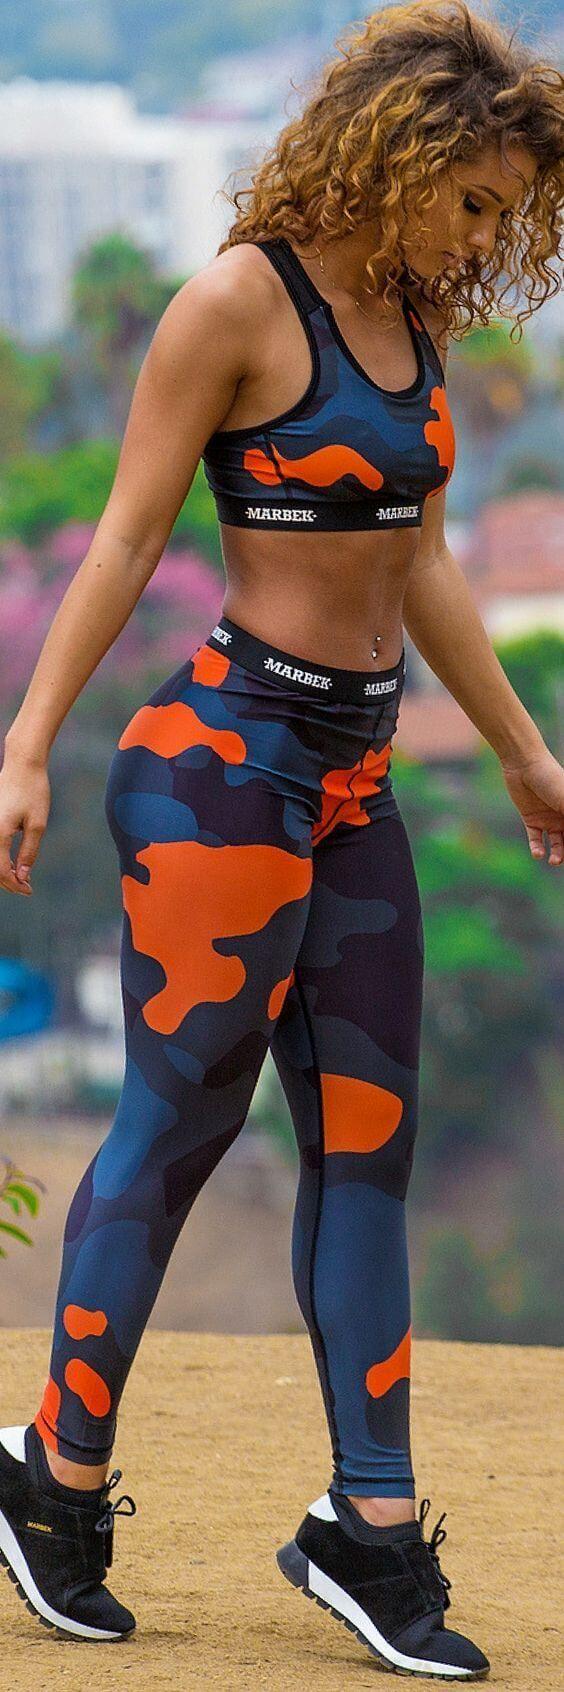 Sportbekleidung Damen, Elegante Sichtweisen beim Fitnesstraining